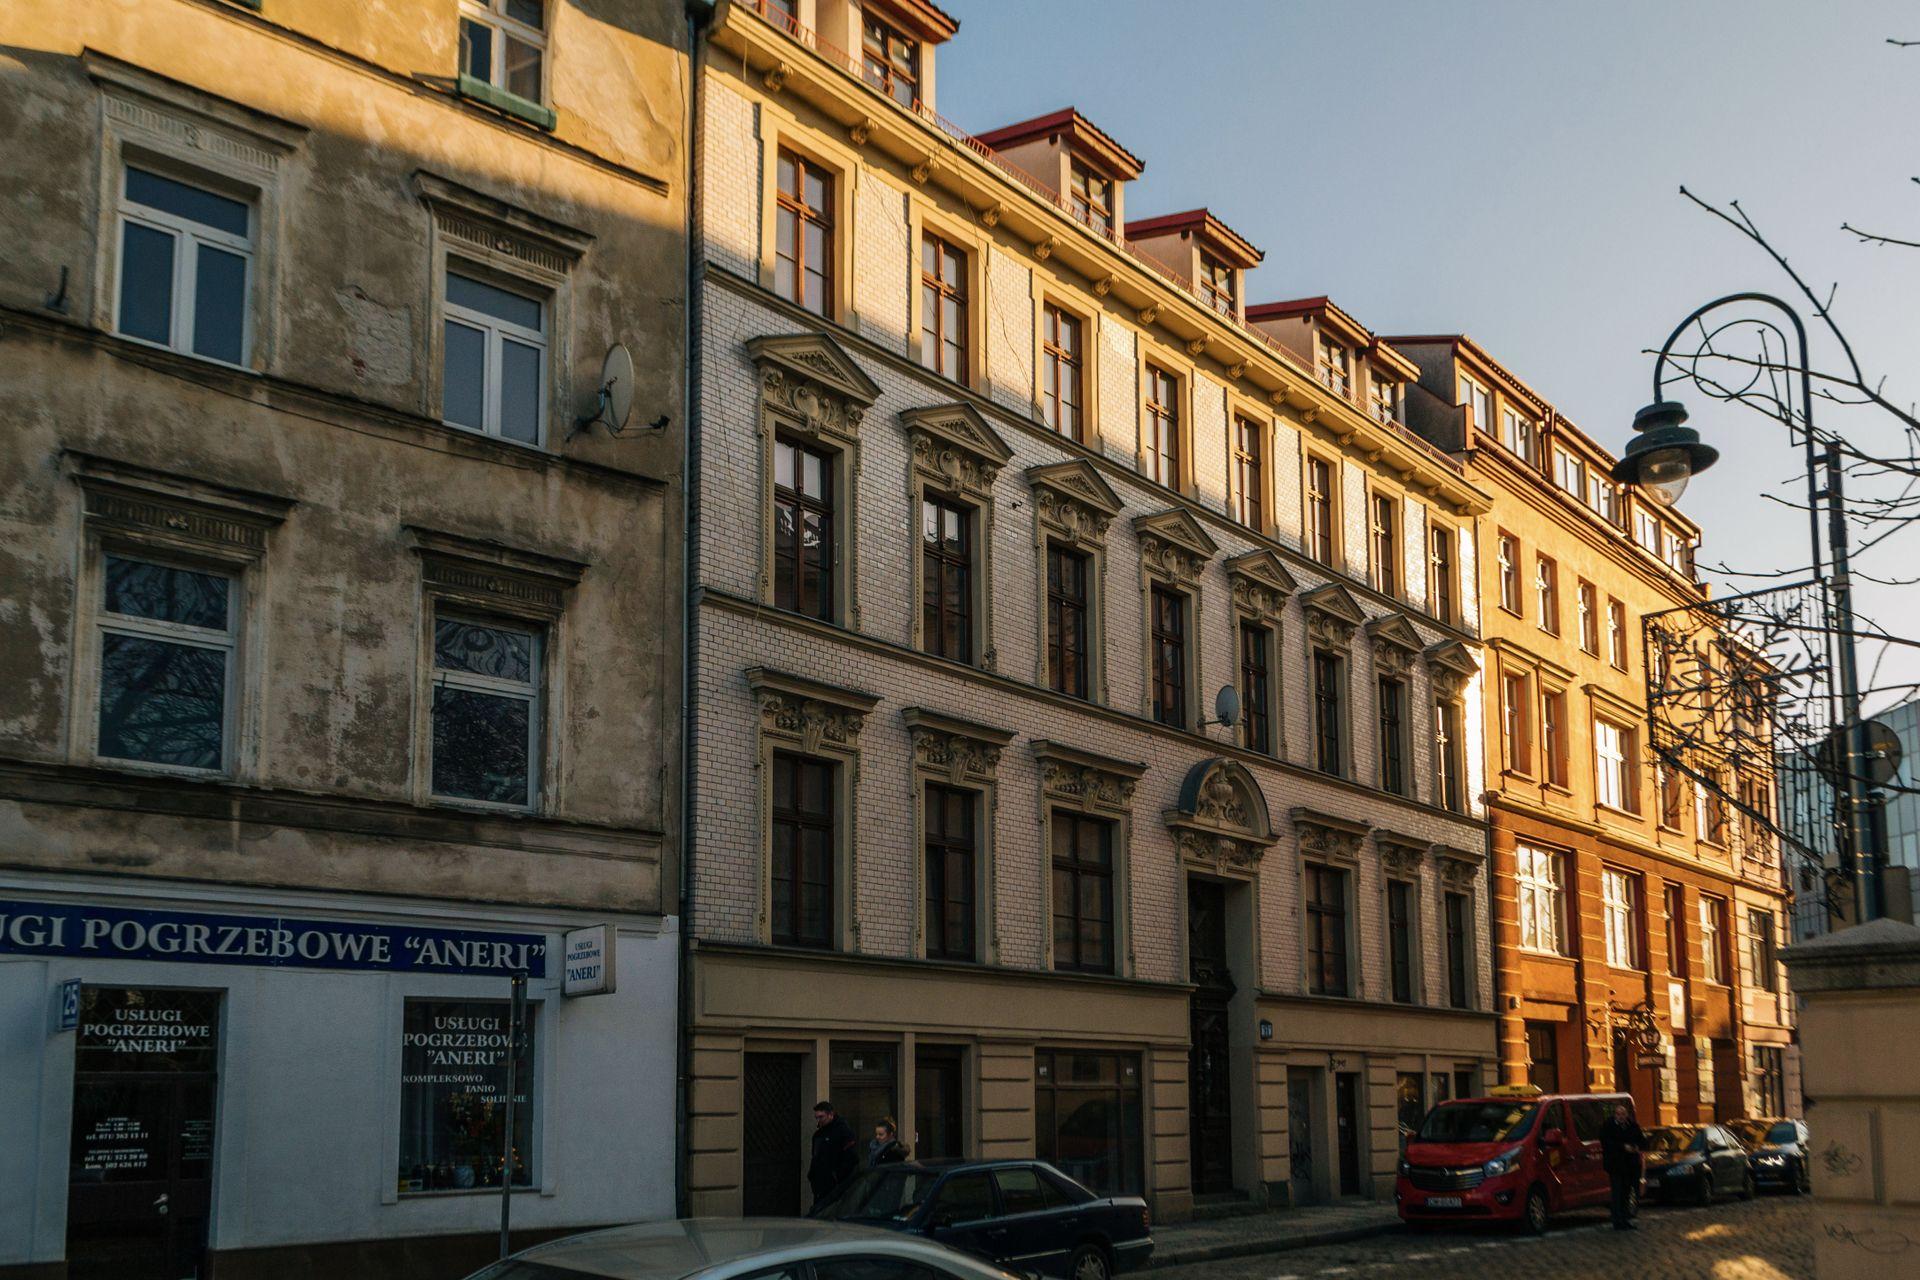 [Wrocław] Zabytkowa kamienica przy Włodkowica znów idzie pod młotek